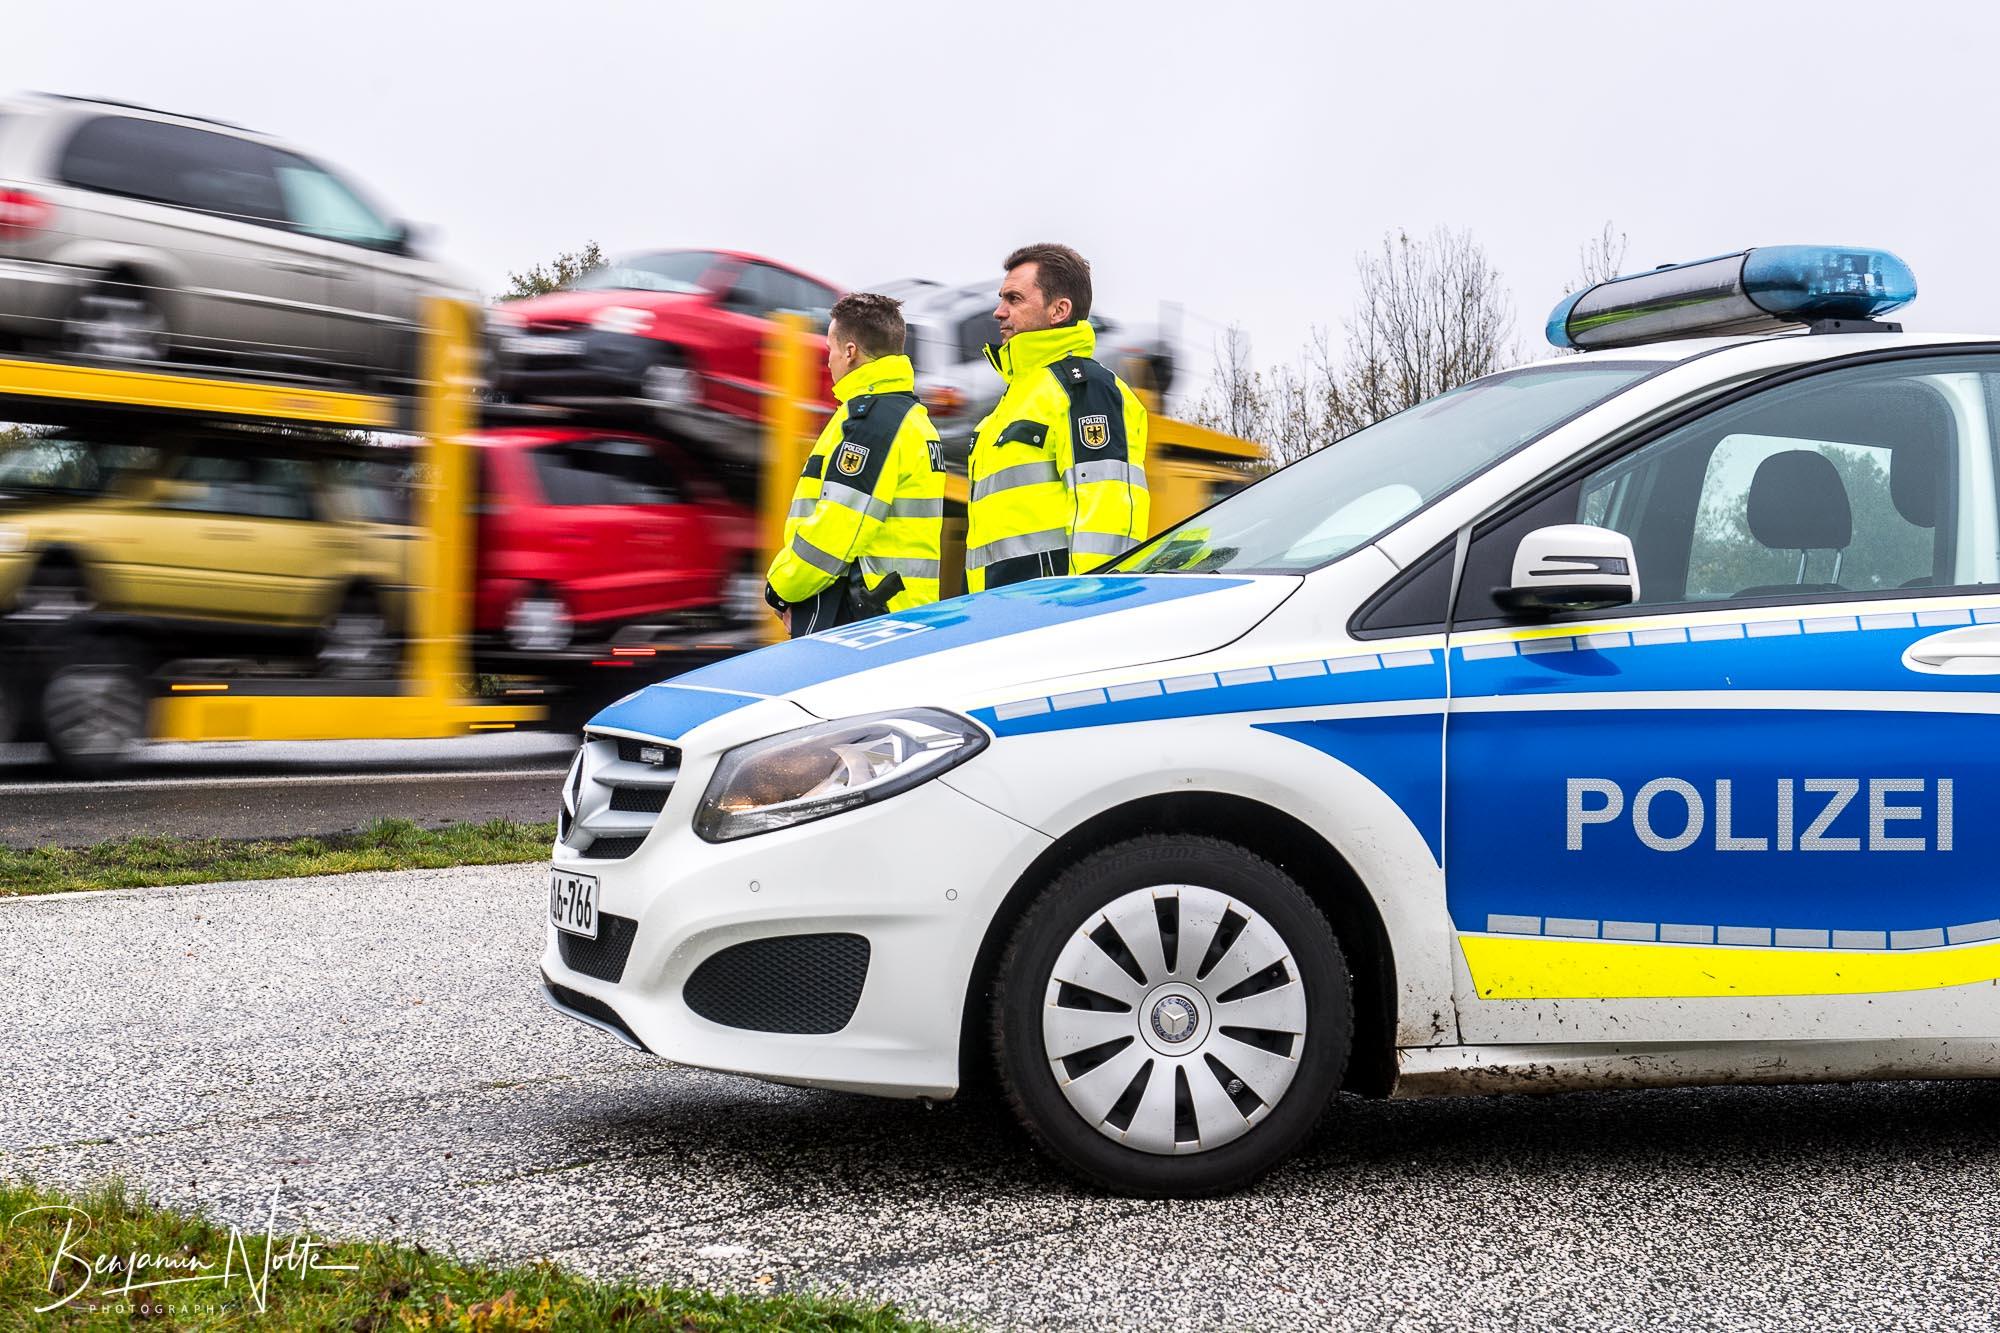 Bundespolizei_Flensburg_003